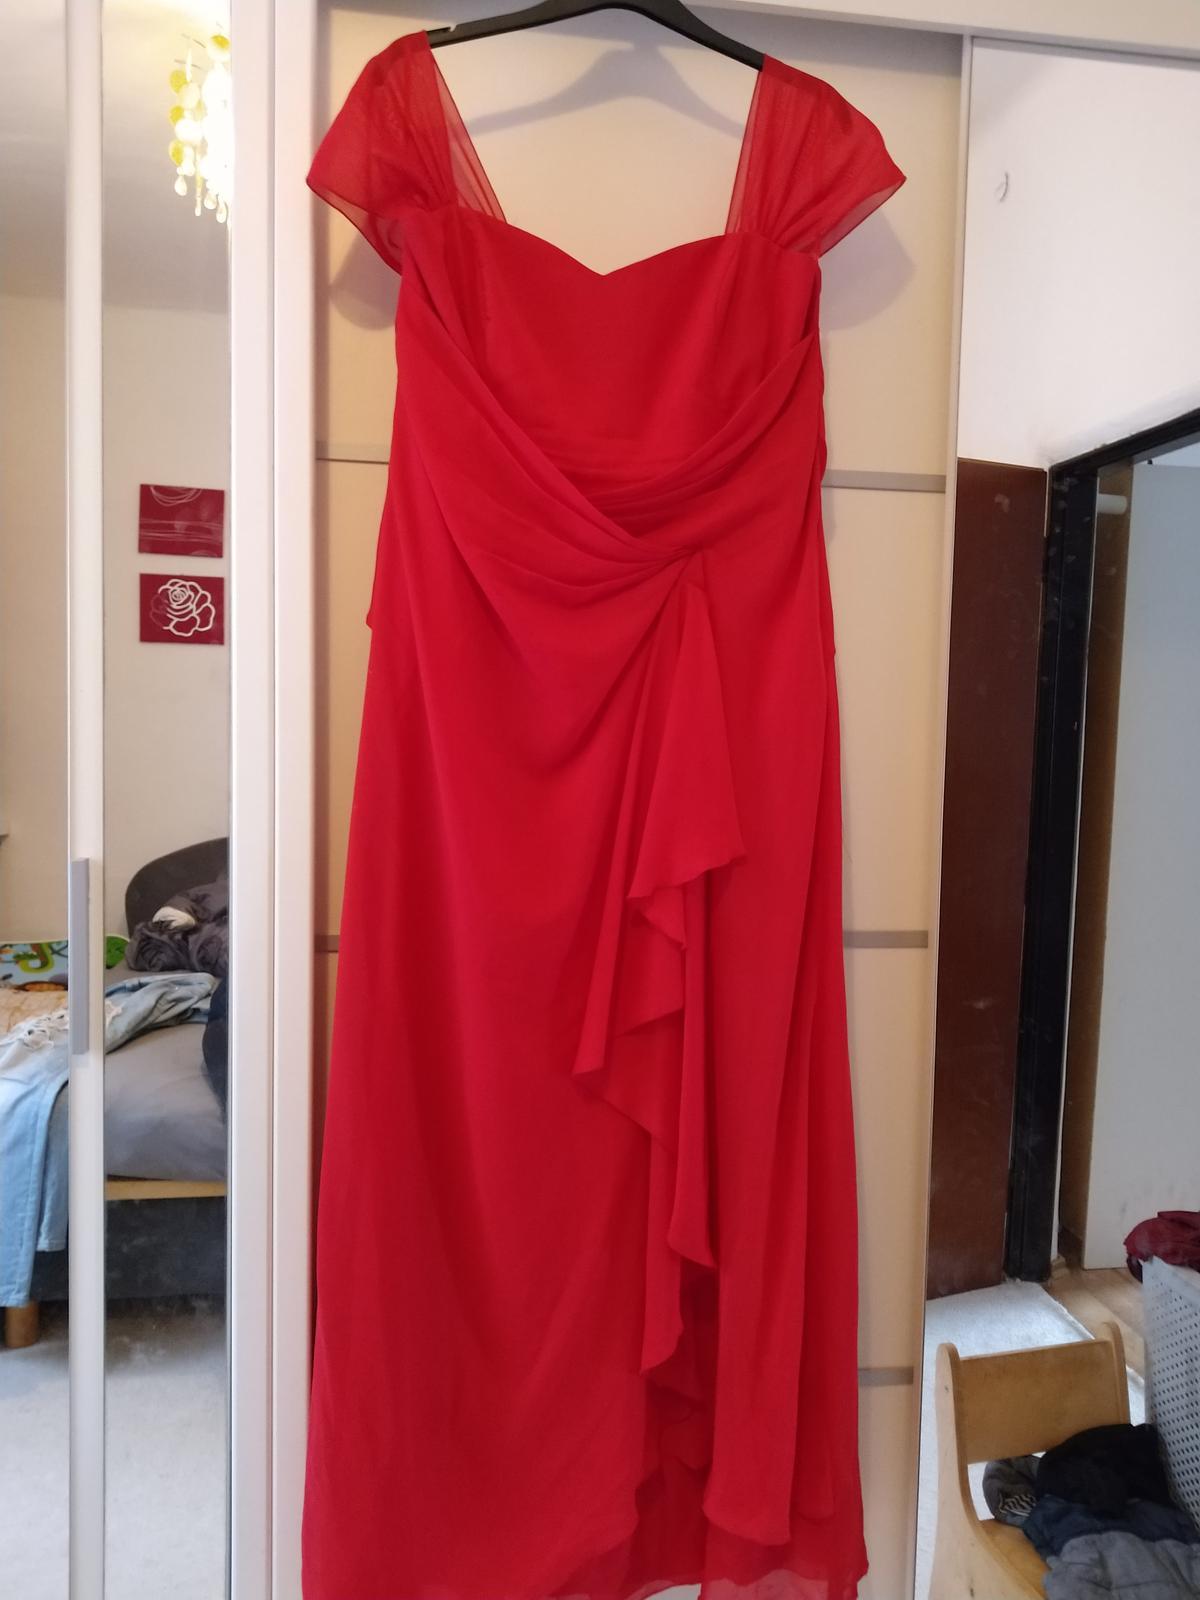 Červené šaty c.52 - Obrázok č. 1